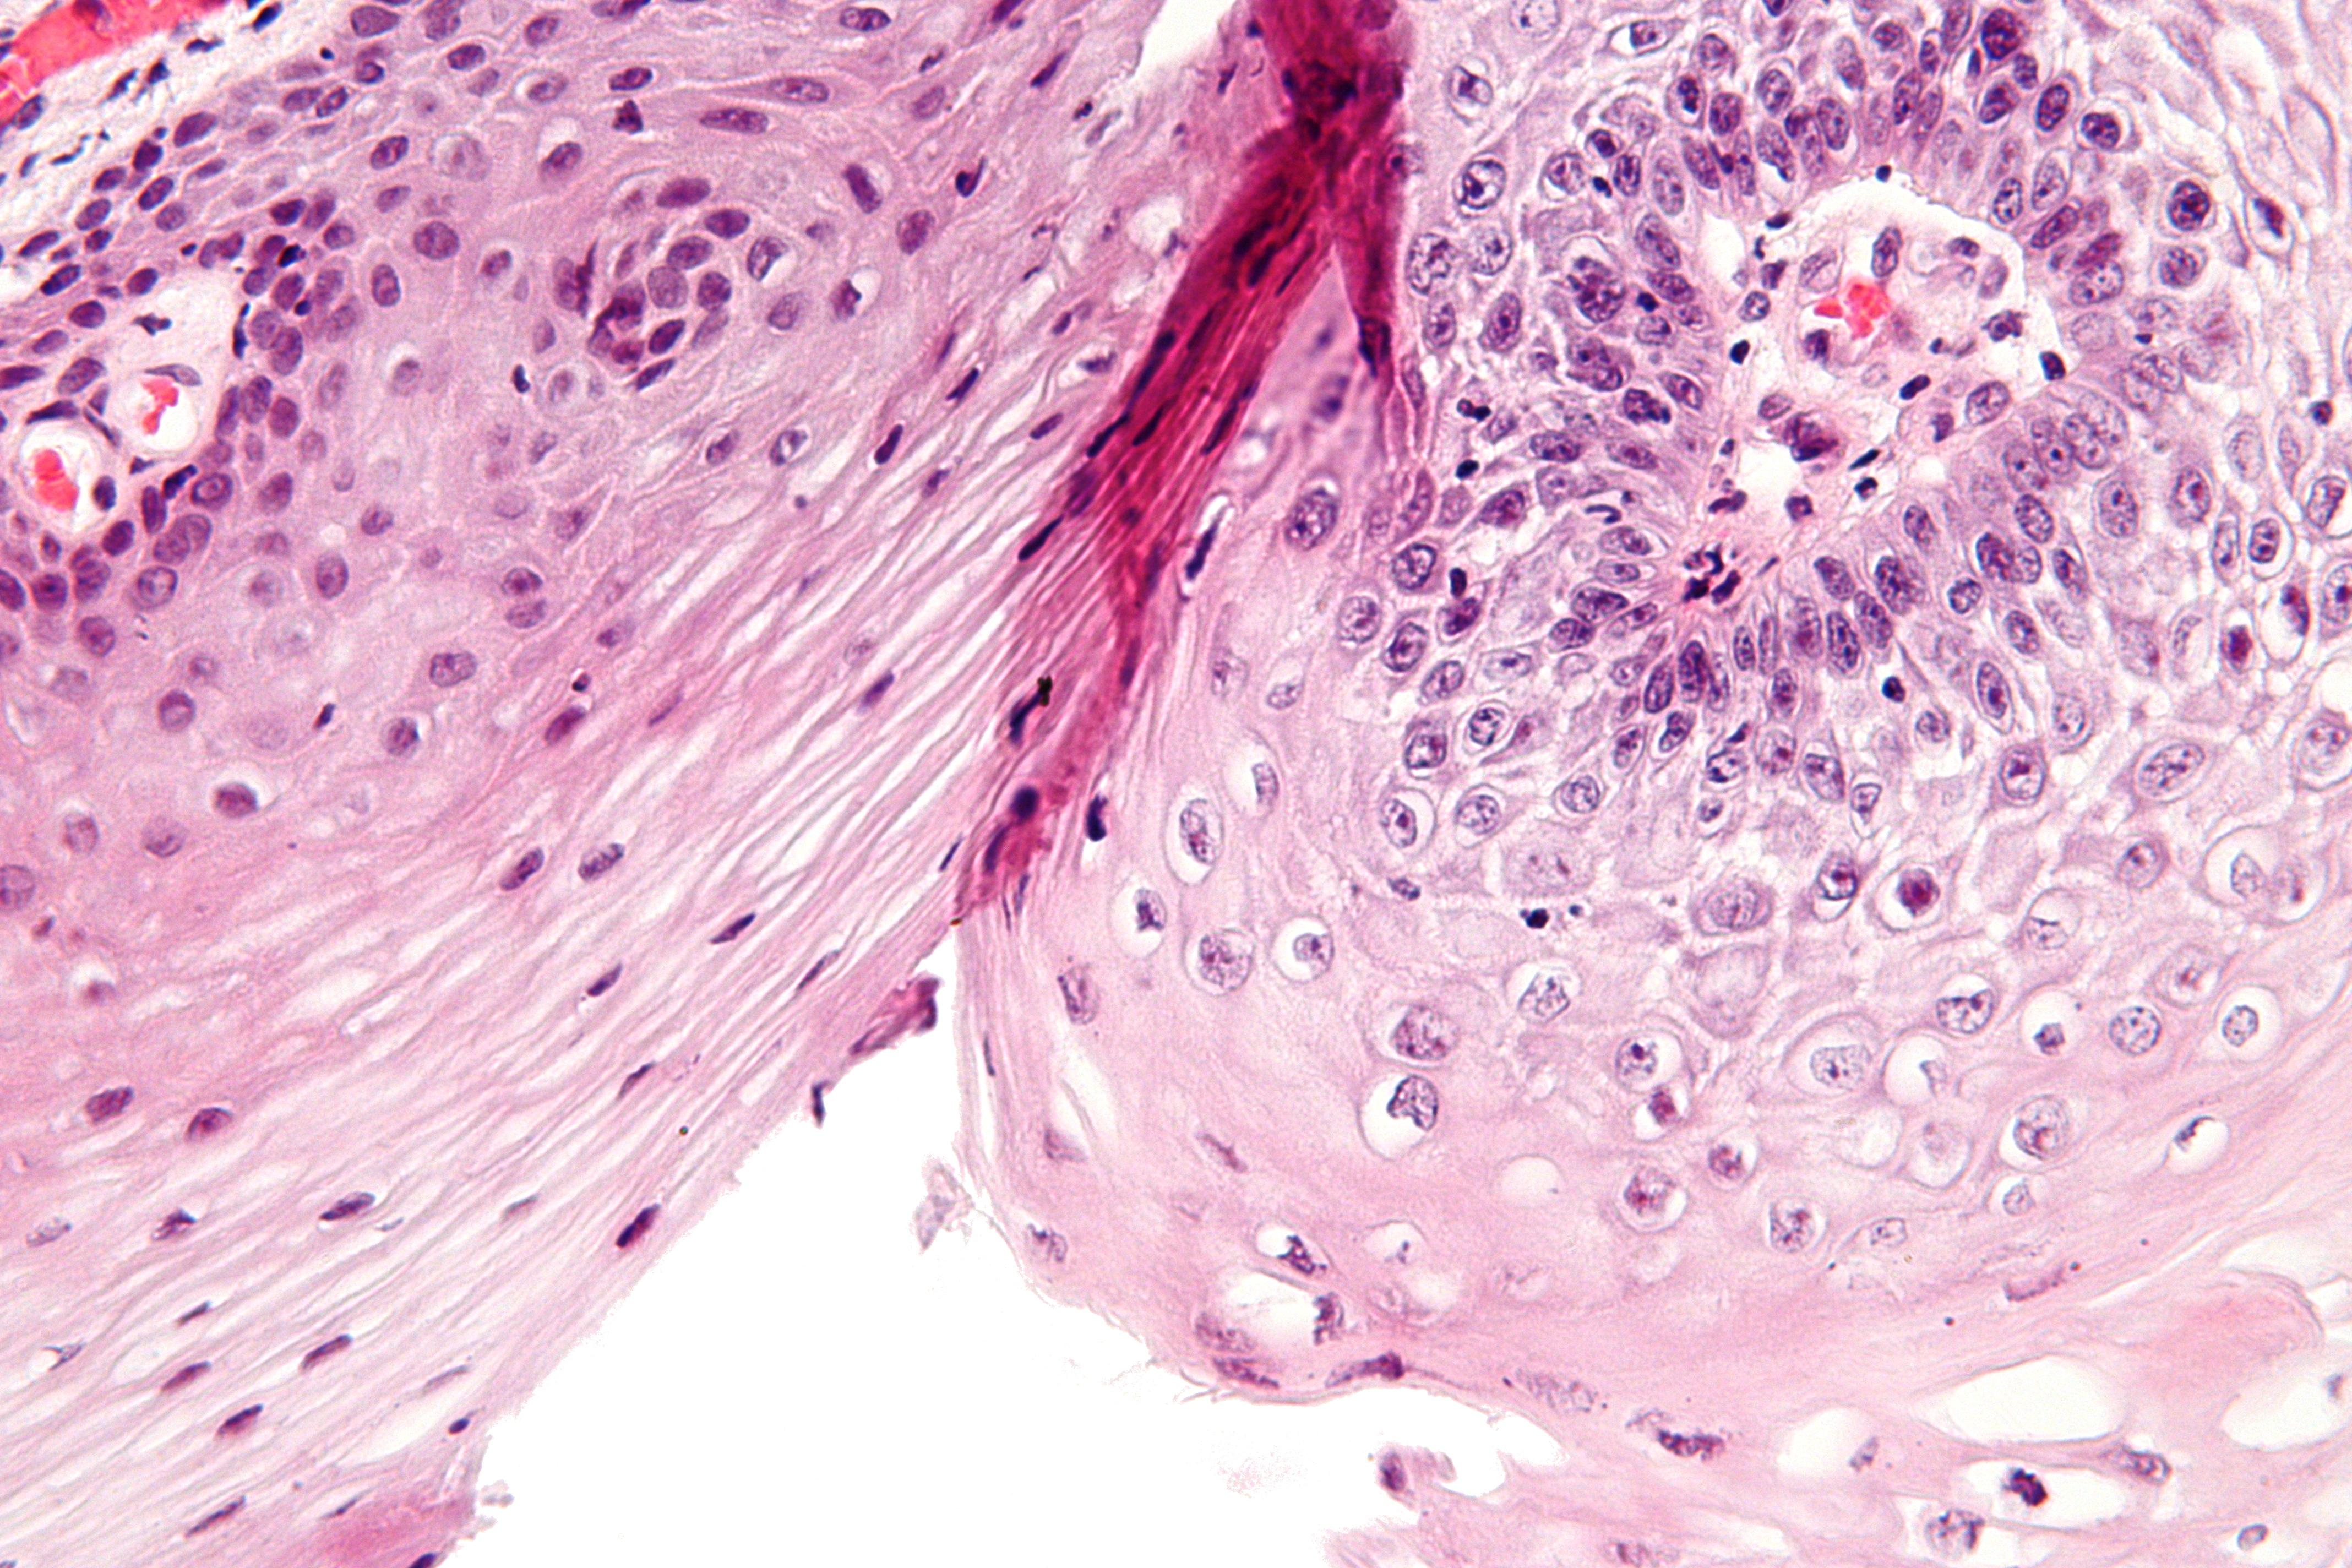 Как выглядят кондиломы под микроскопом